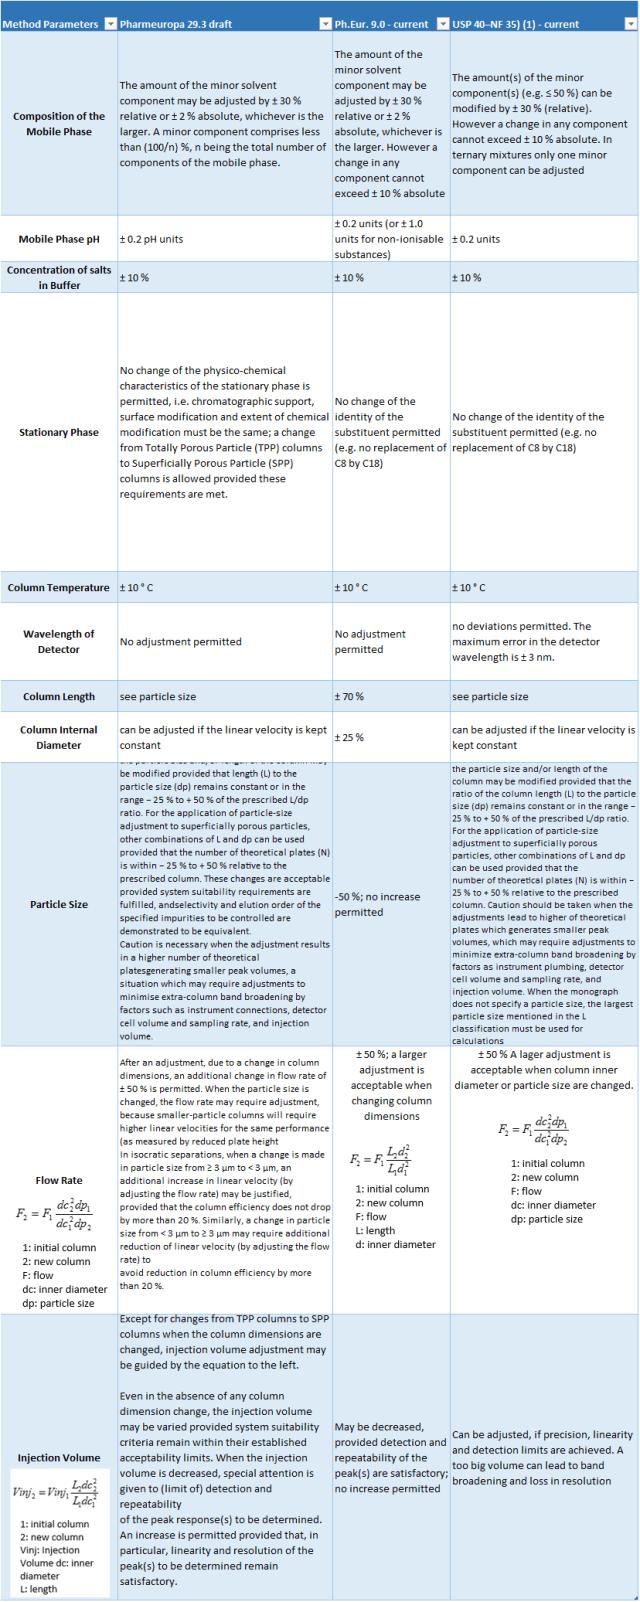 European Pharmacopeia